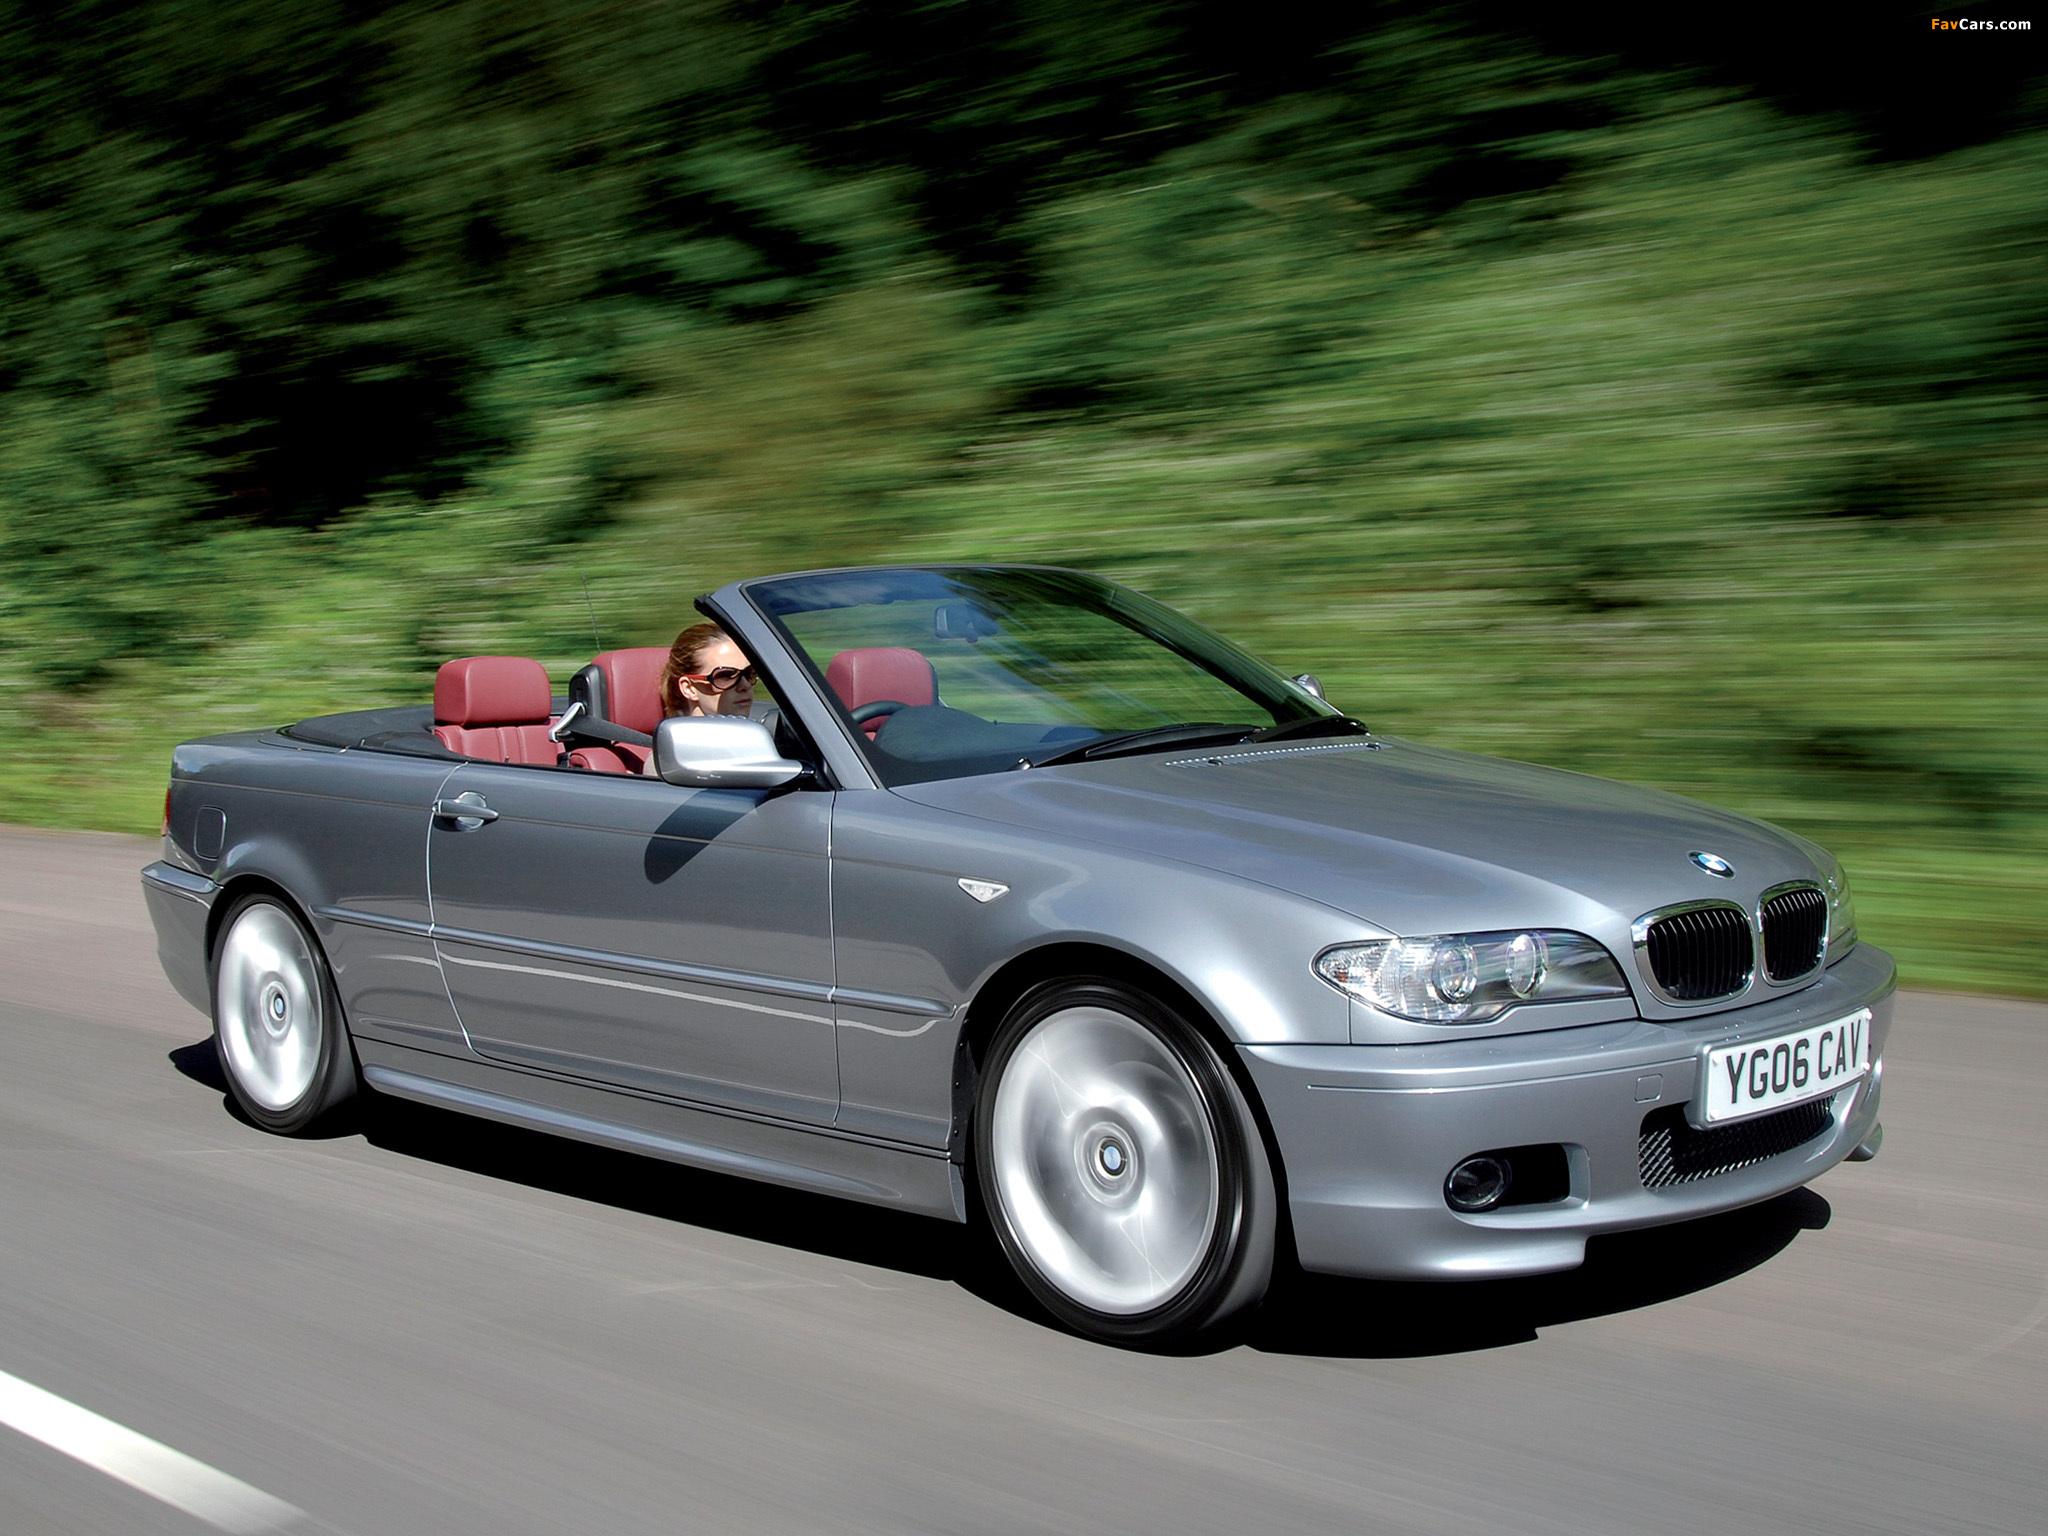 BMW e46 кабриолет бесплатно